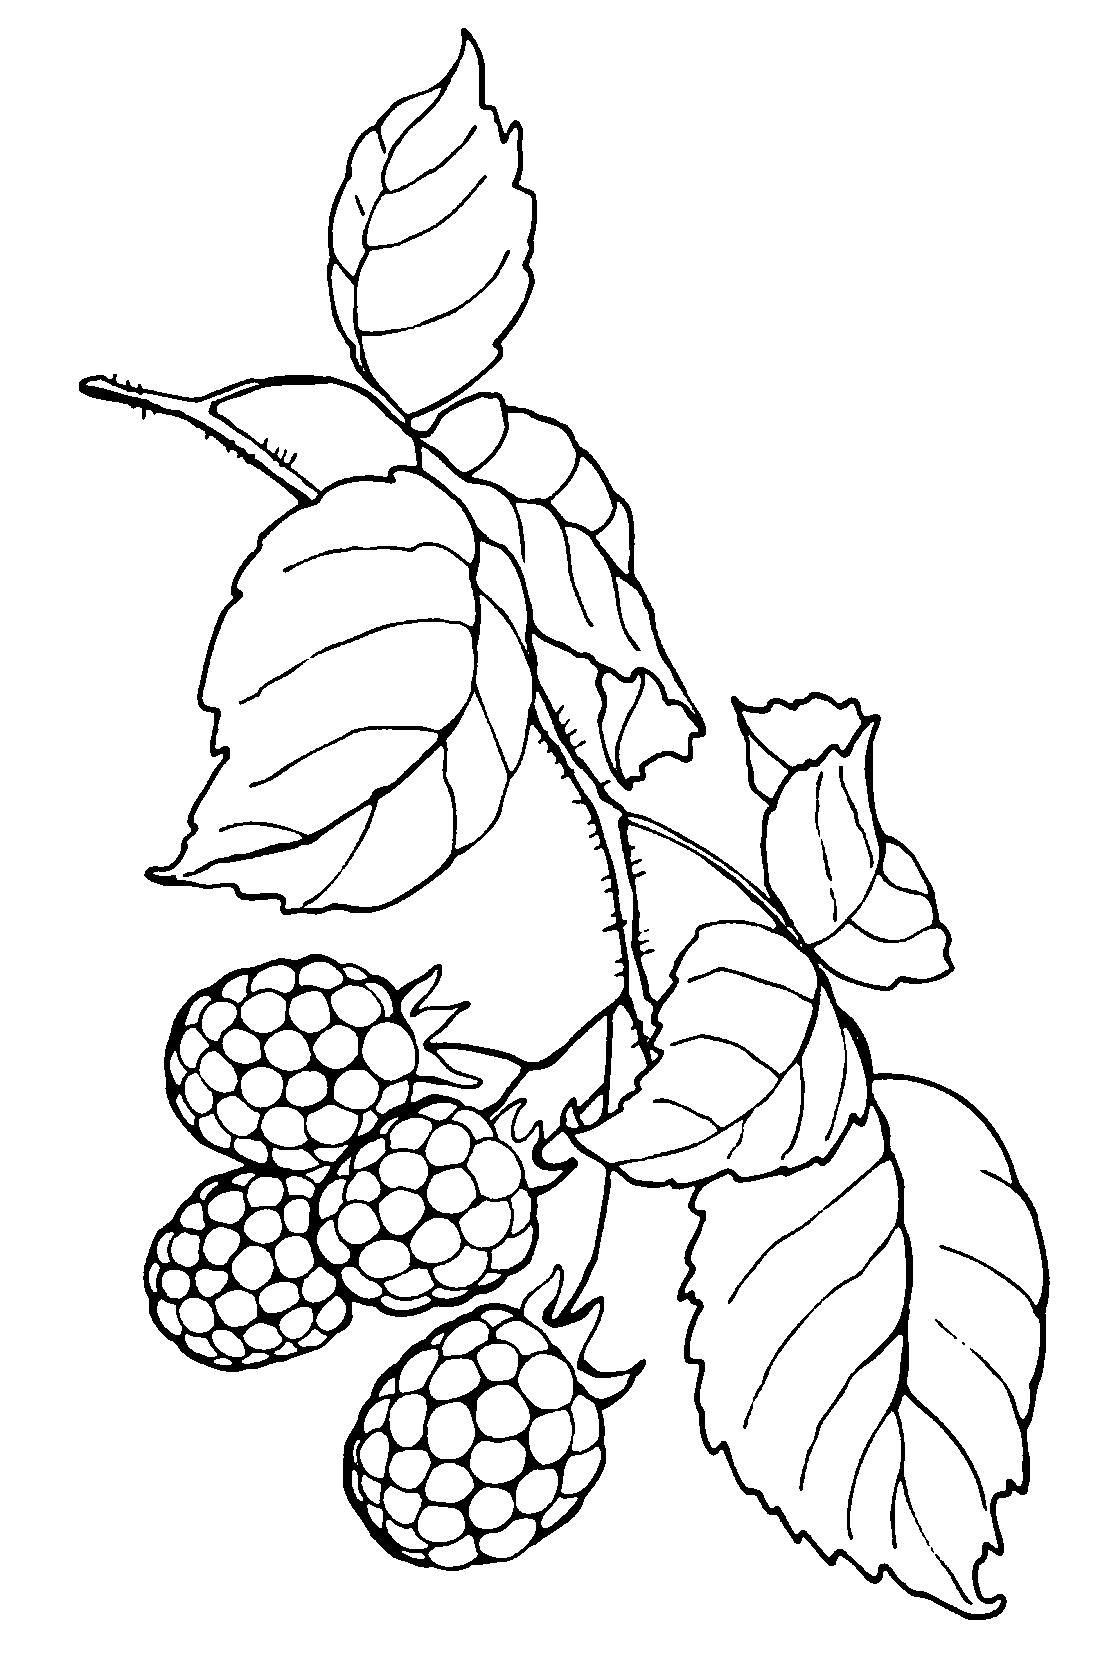 Малиновые ягоды - раскраска №9806 | Printonic.ru